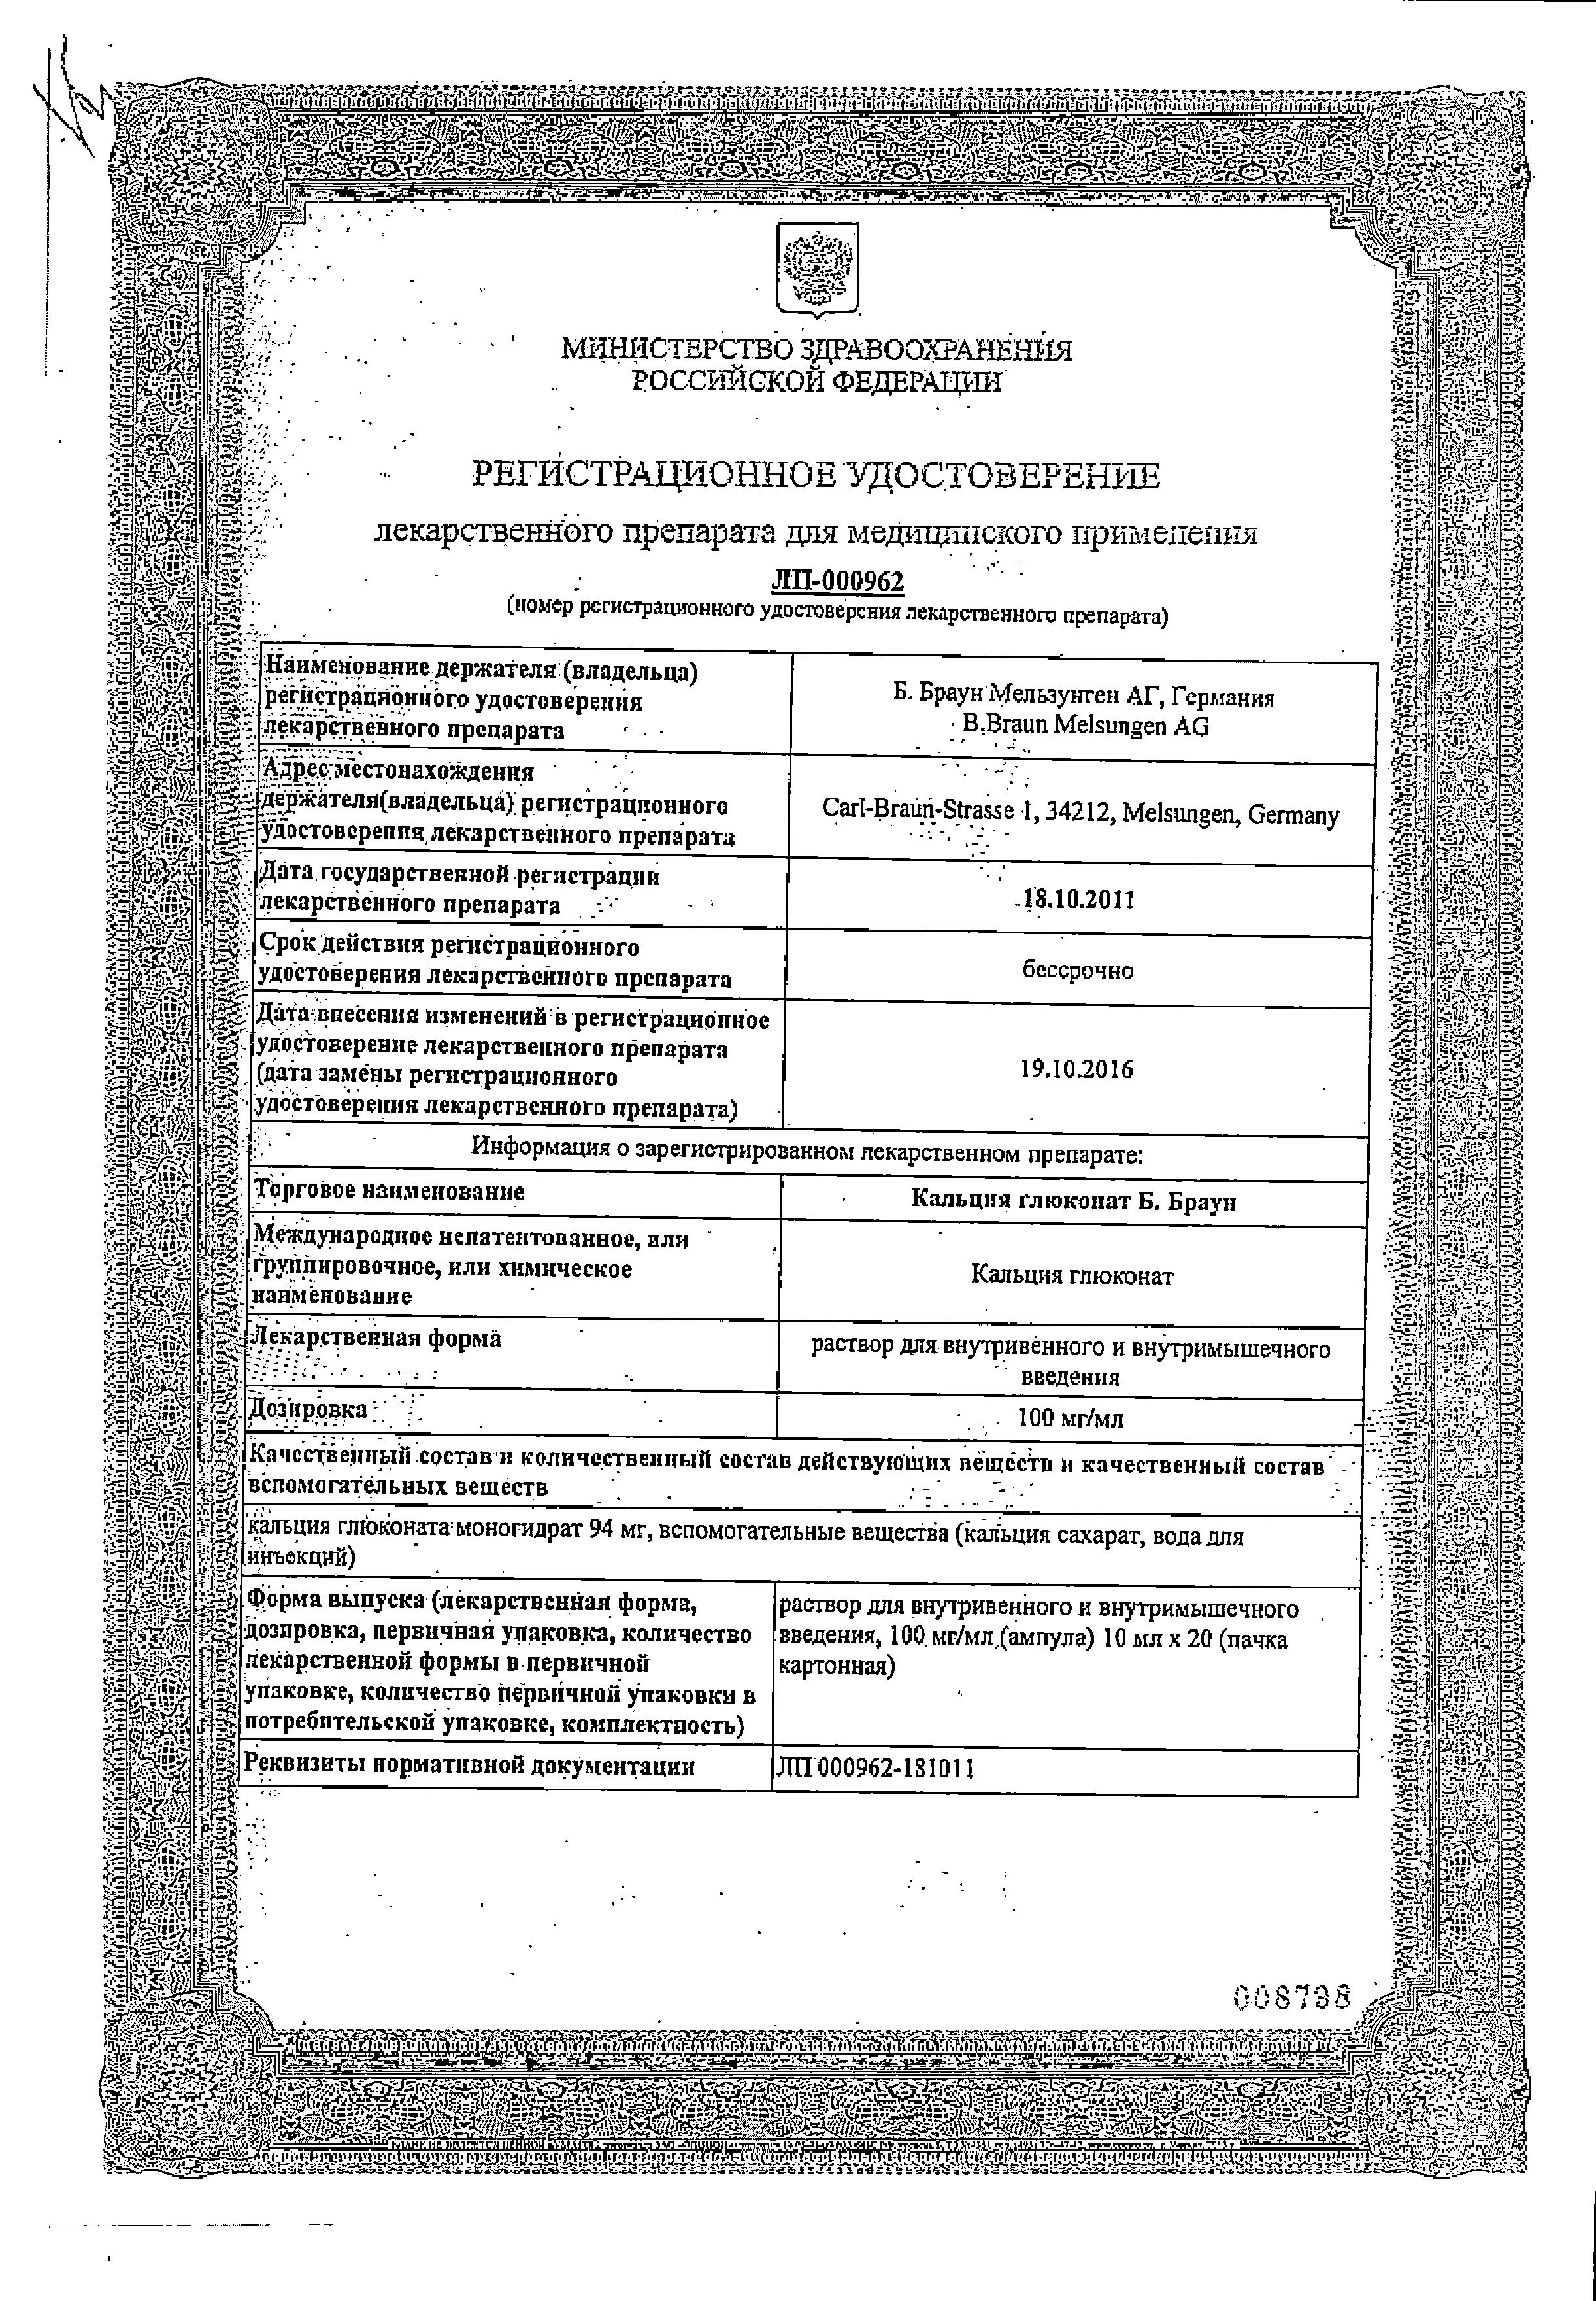 Кальция глюконат Б.Браун сертификат